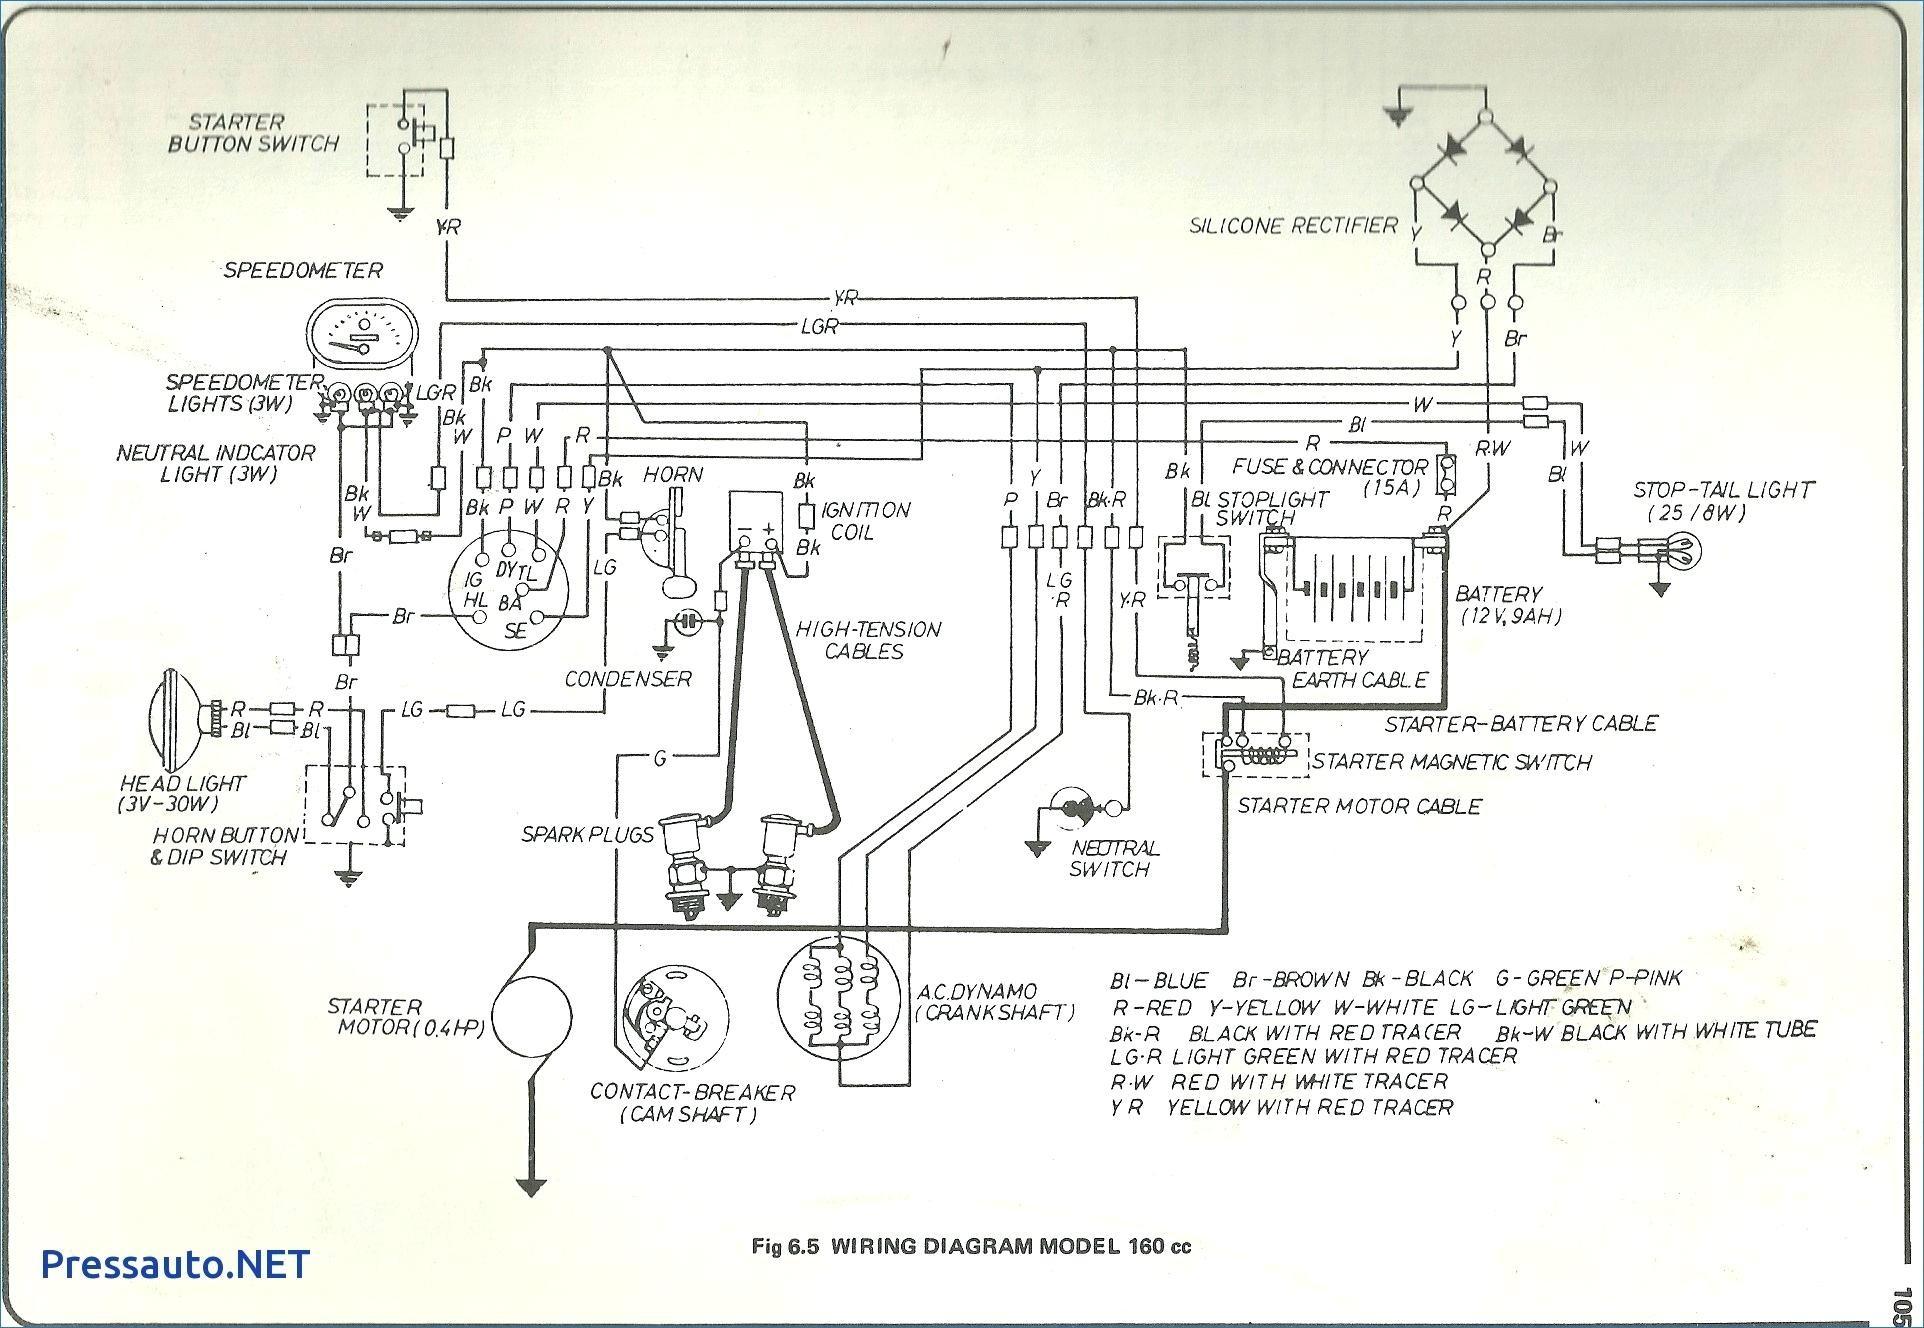 3 Prong Dryer Plug Wiring Diagram | Wiring Diagram Image